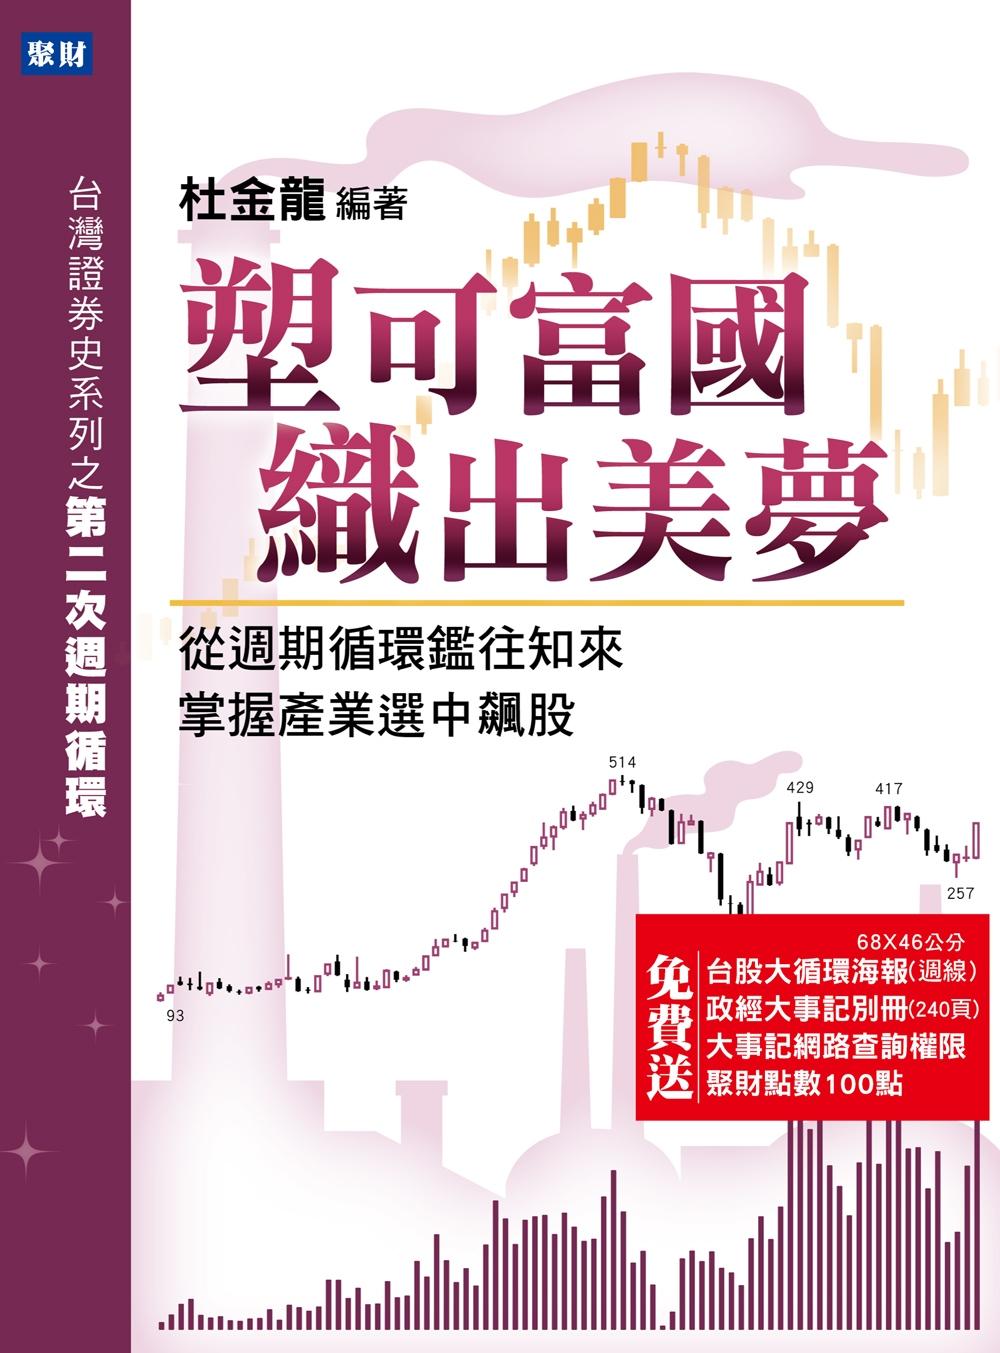 塑可富國,織出美夢:從週期循環鑑往知來,掌握產業選中飆股(送股市大循環海報)